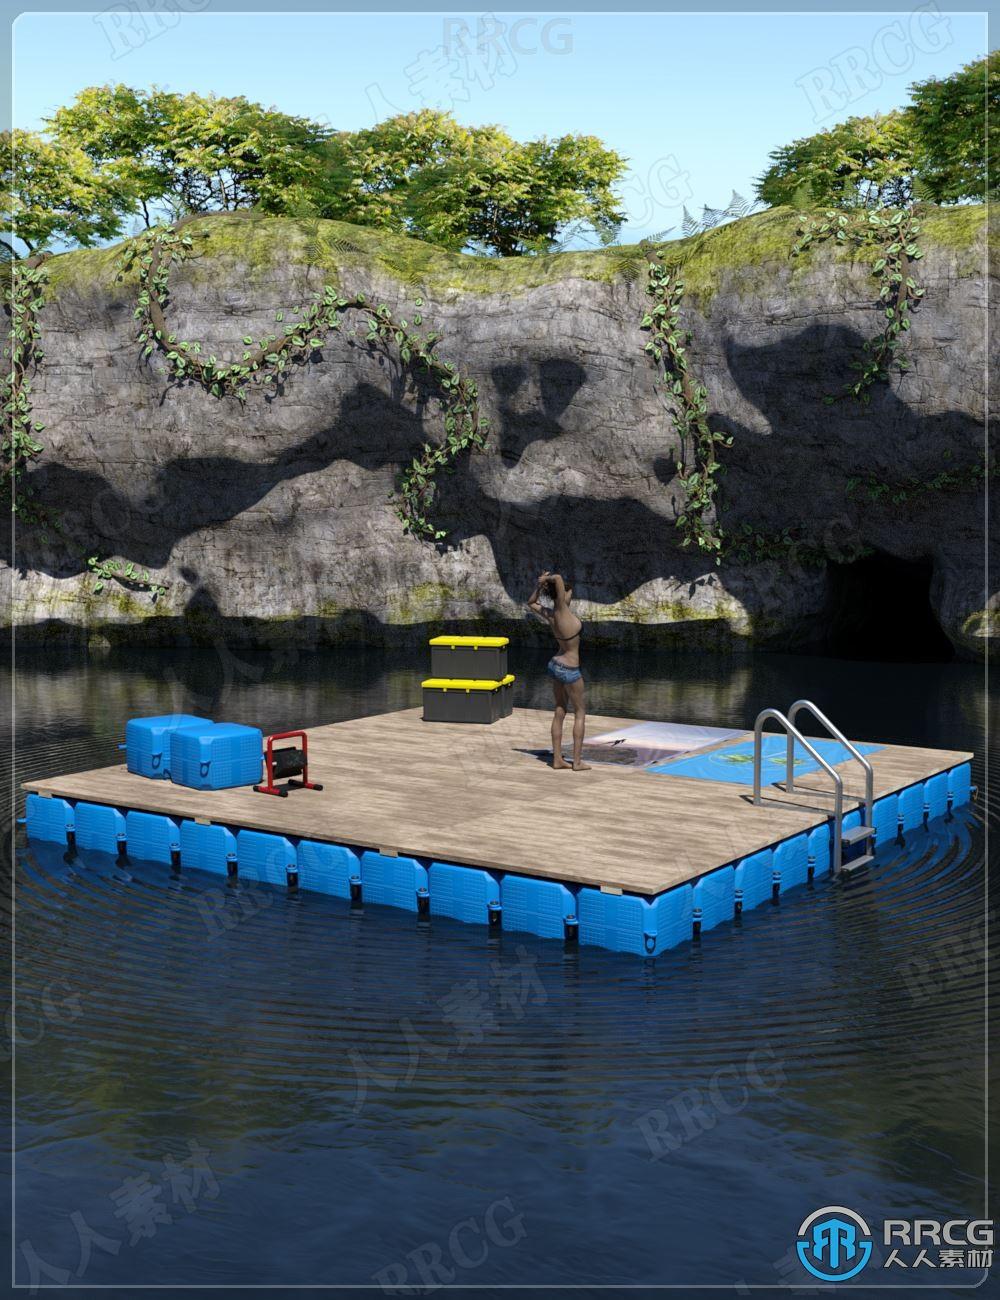 田园筏子和泻湖幽静环境场景3D模型合集